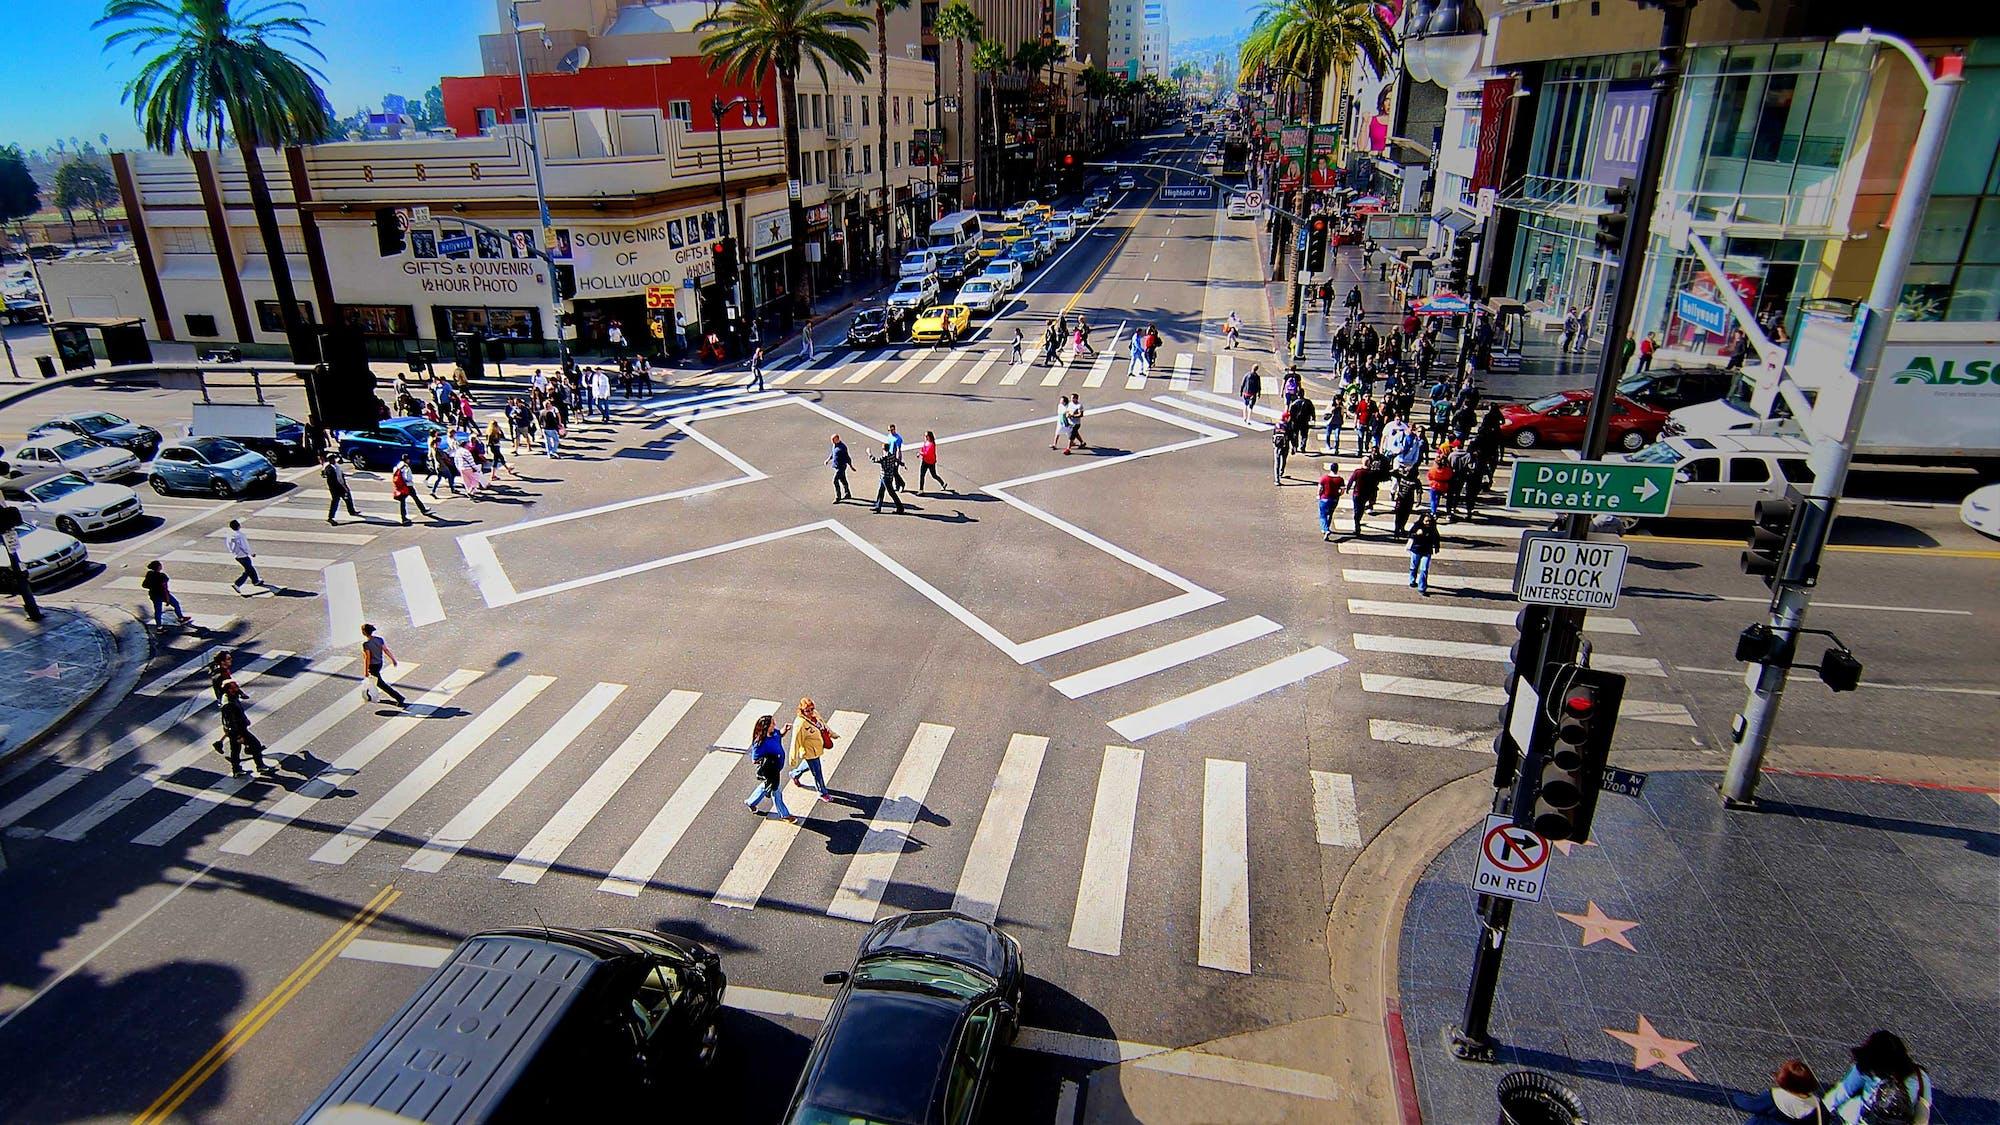 https://images.prismic.io/useallfive/ZDhlMzM4NzktNzUwMy00NWRhLWFlZWQtMGQ2ZjA0NzBmOTY0_crosswalk-1.jpg?auto=compress,format&rect=0,0,3000,1687&w=3000&h=1687